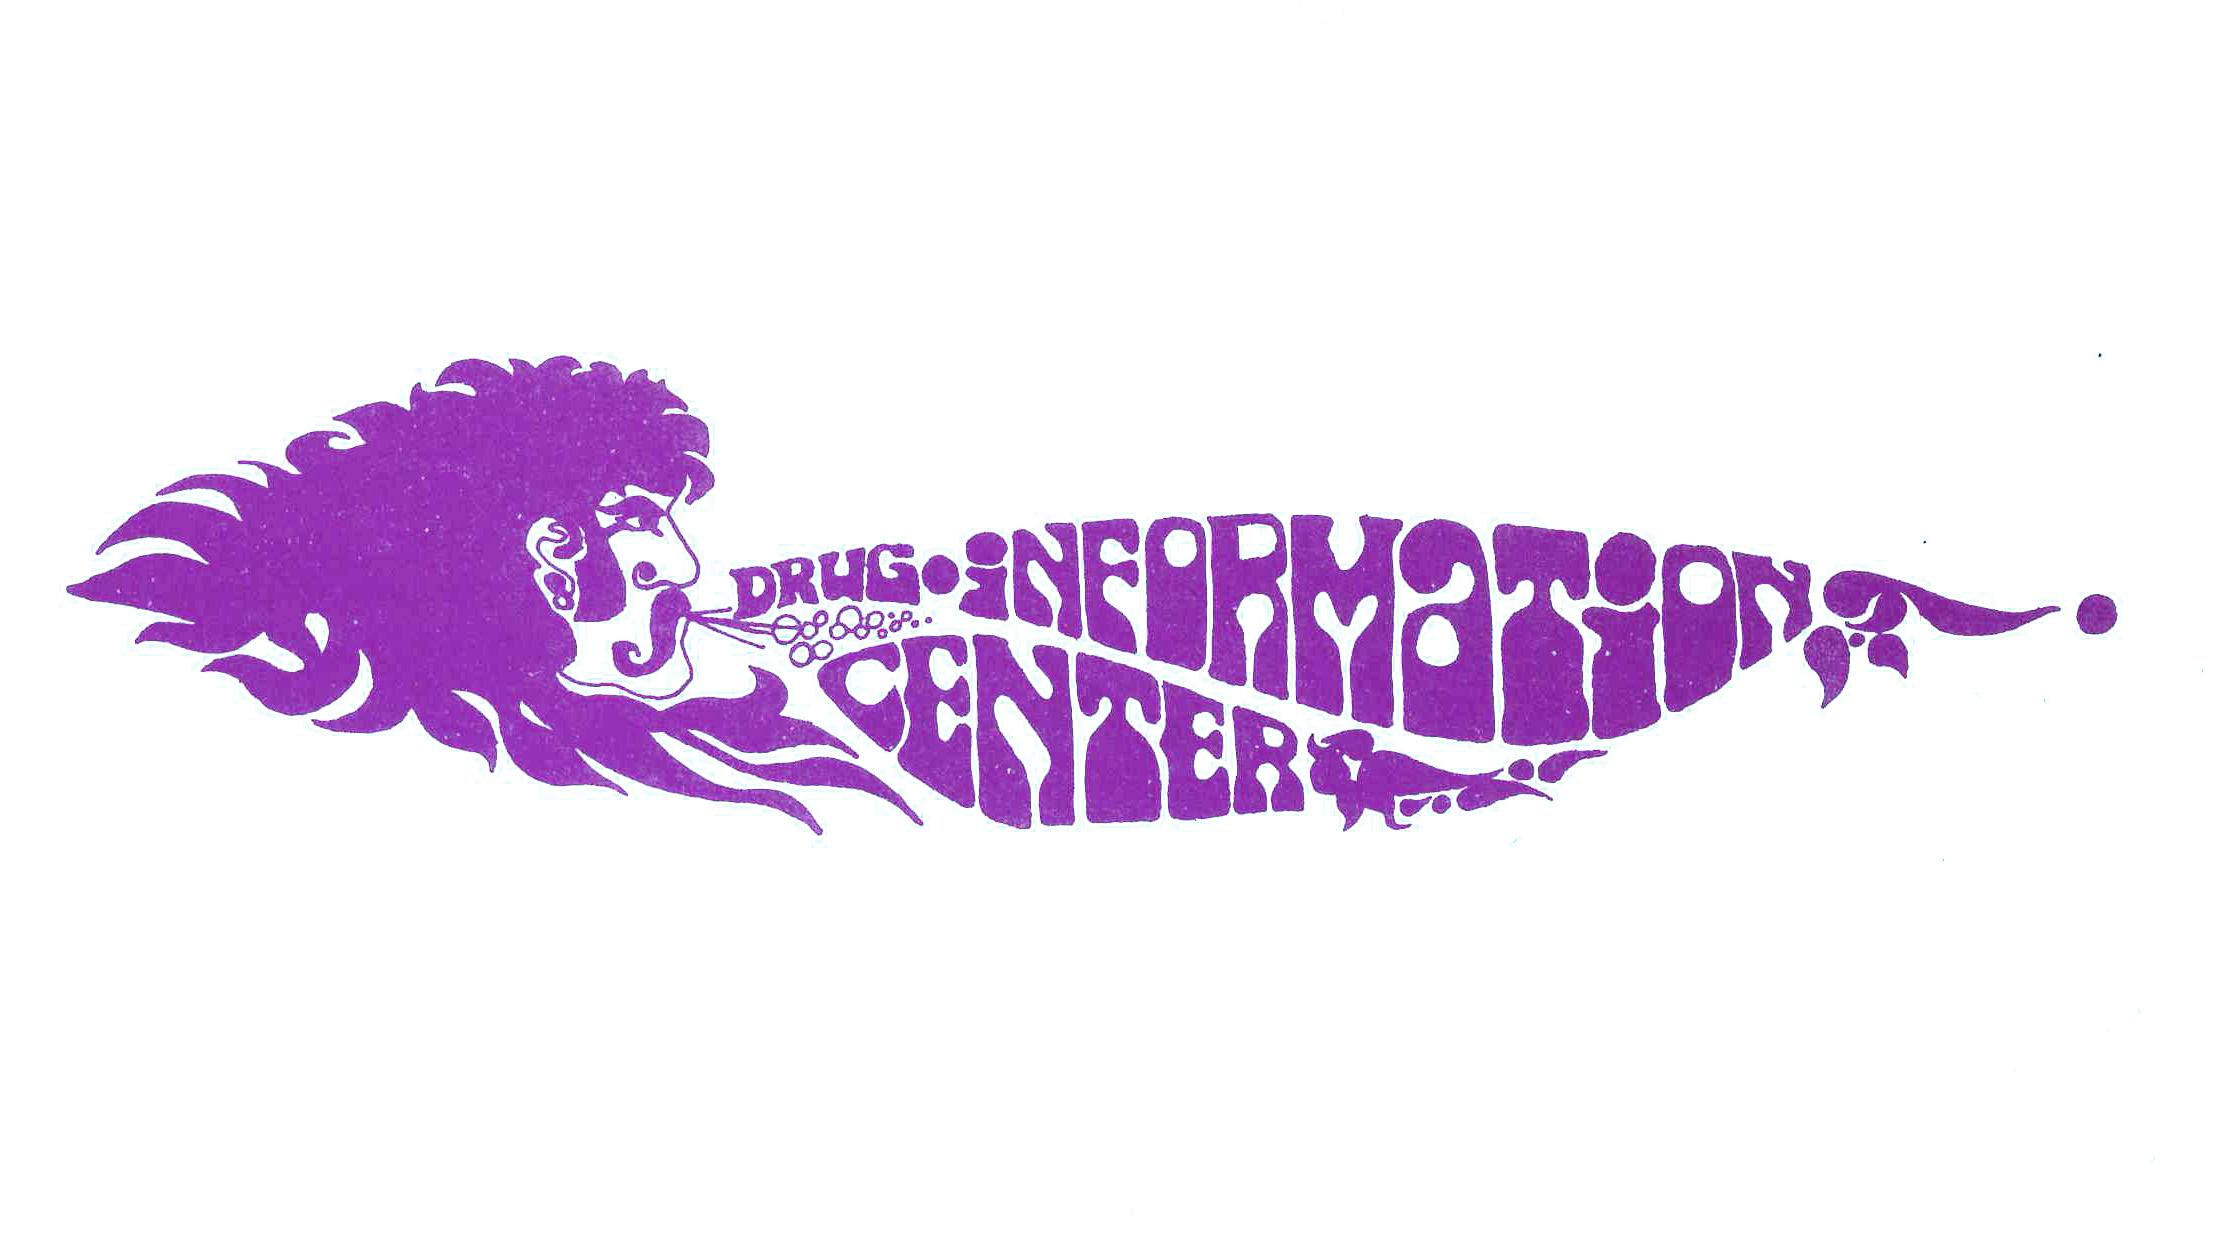 img dead: Drug Information Centre logo